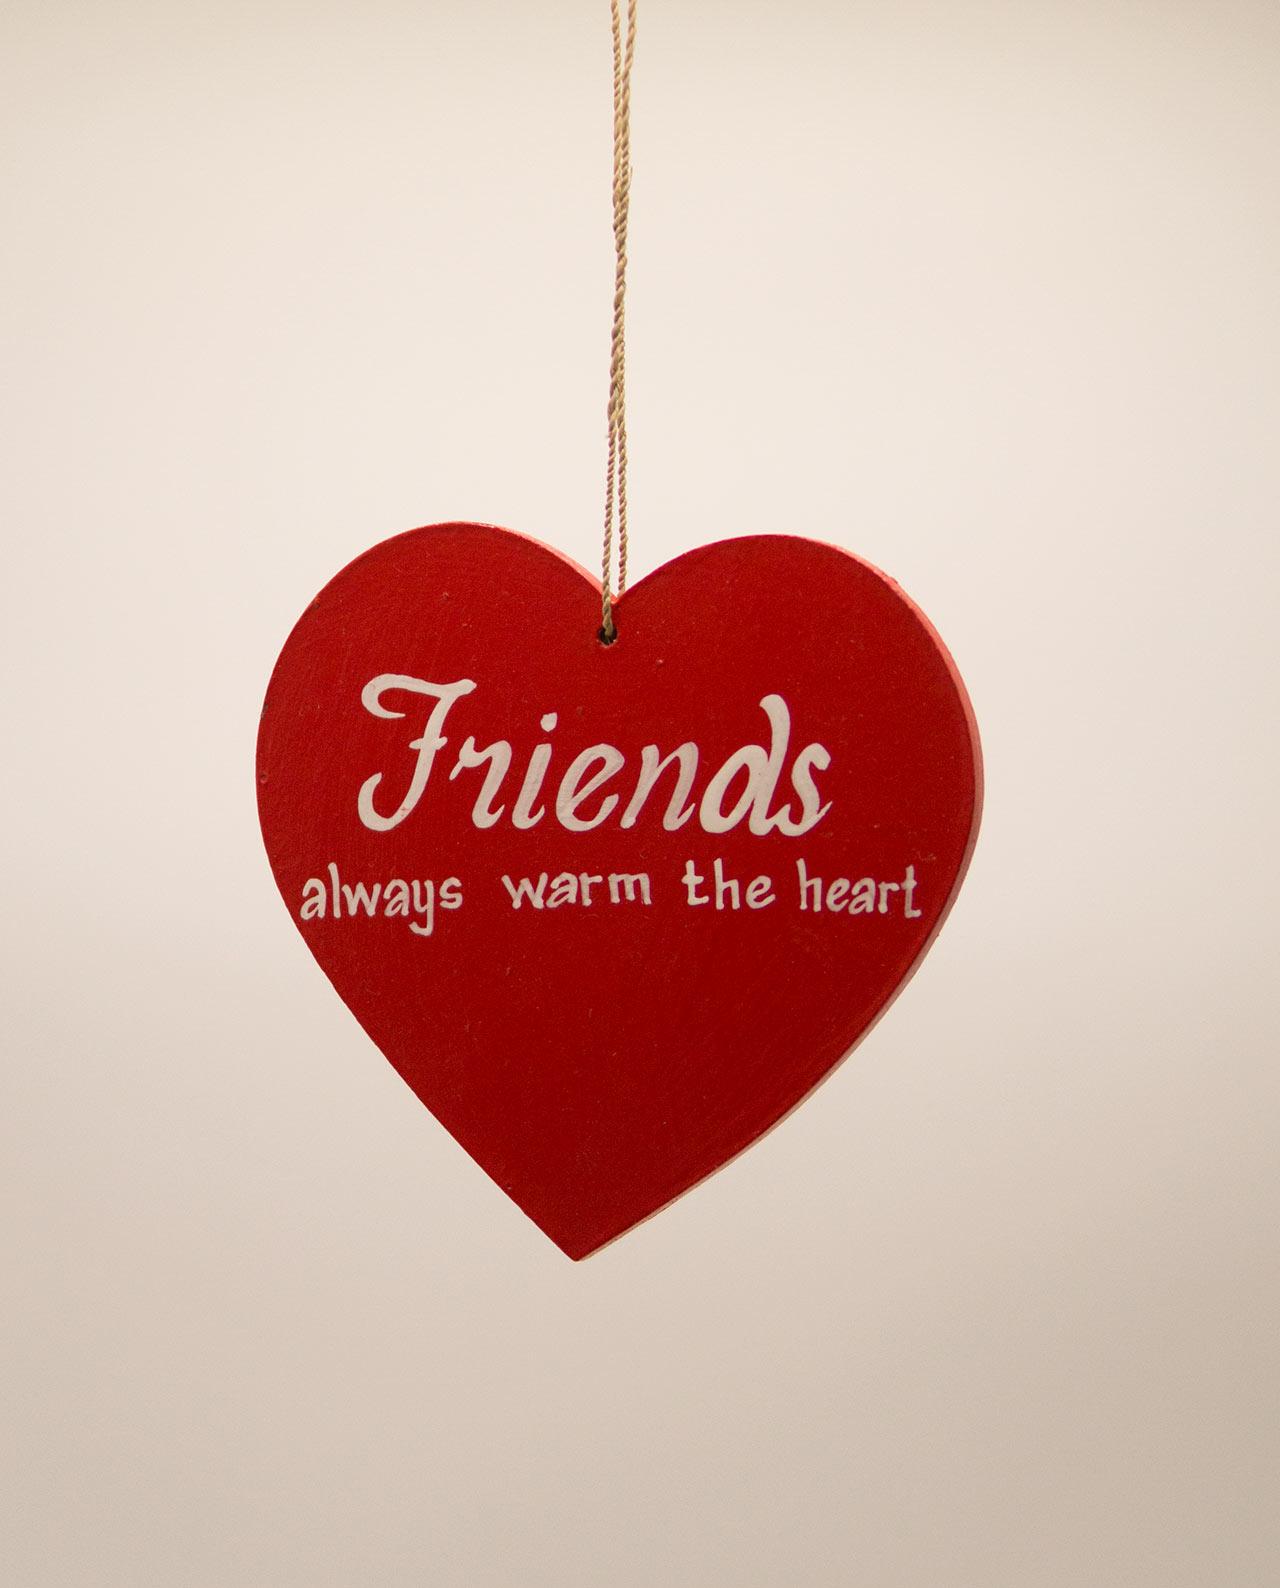 Καρδιά ξύλινη χειροποίητη της φιλίας διάμετρος 15 cm κόκκινη